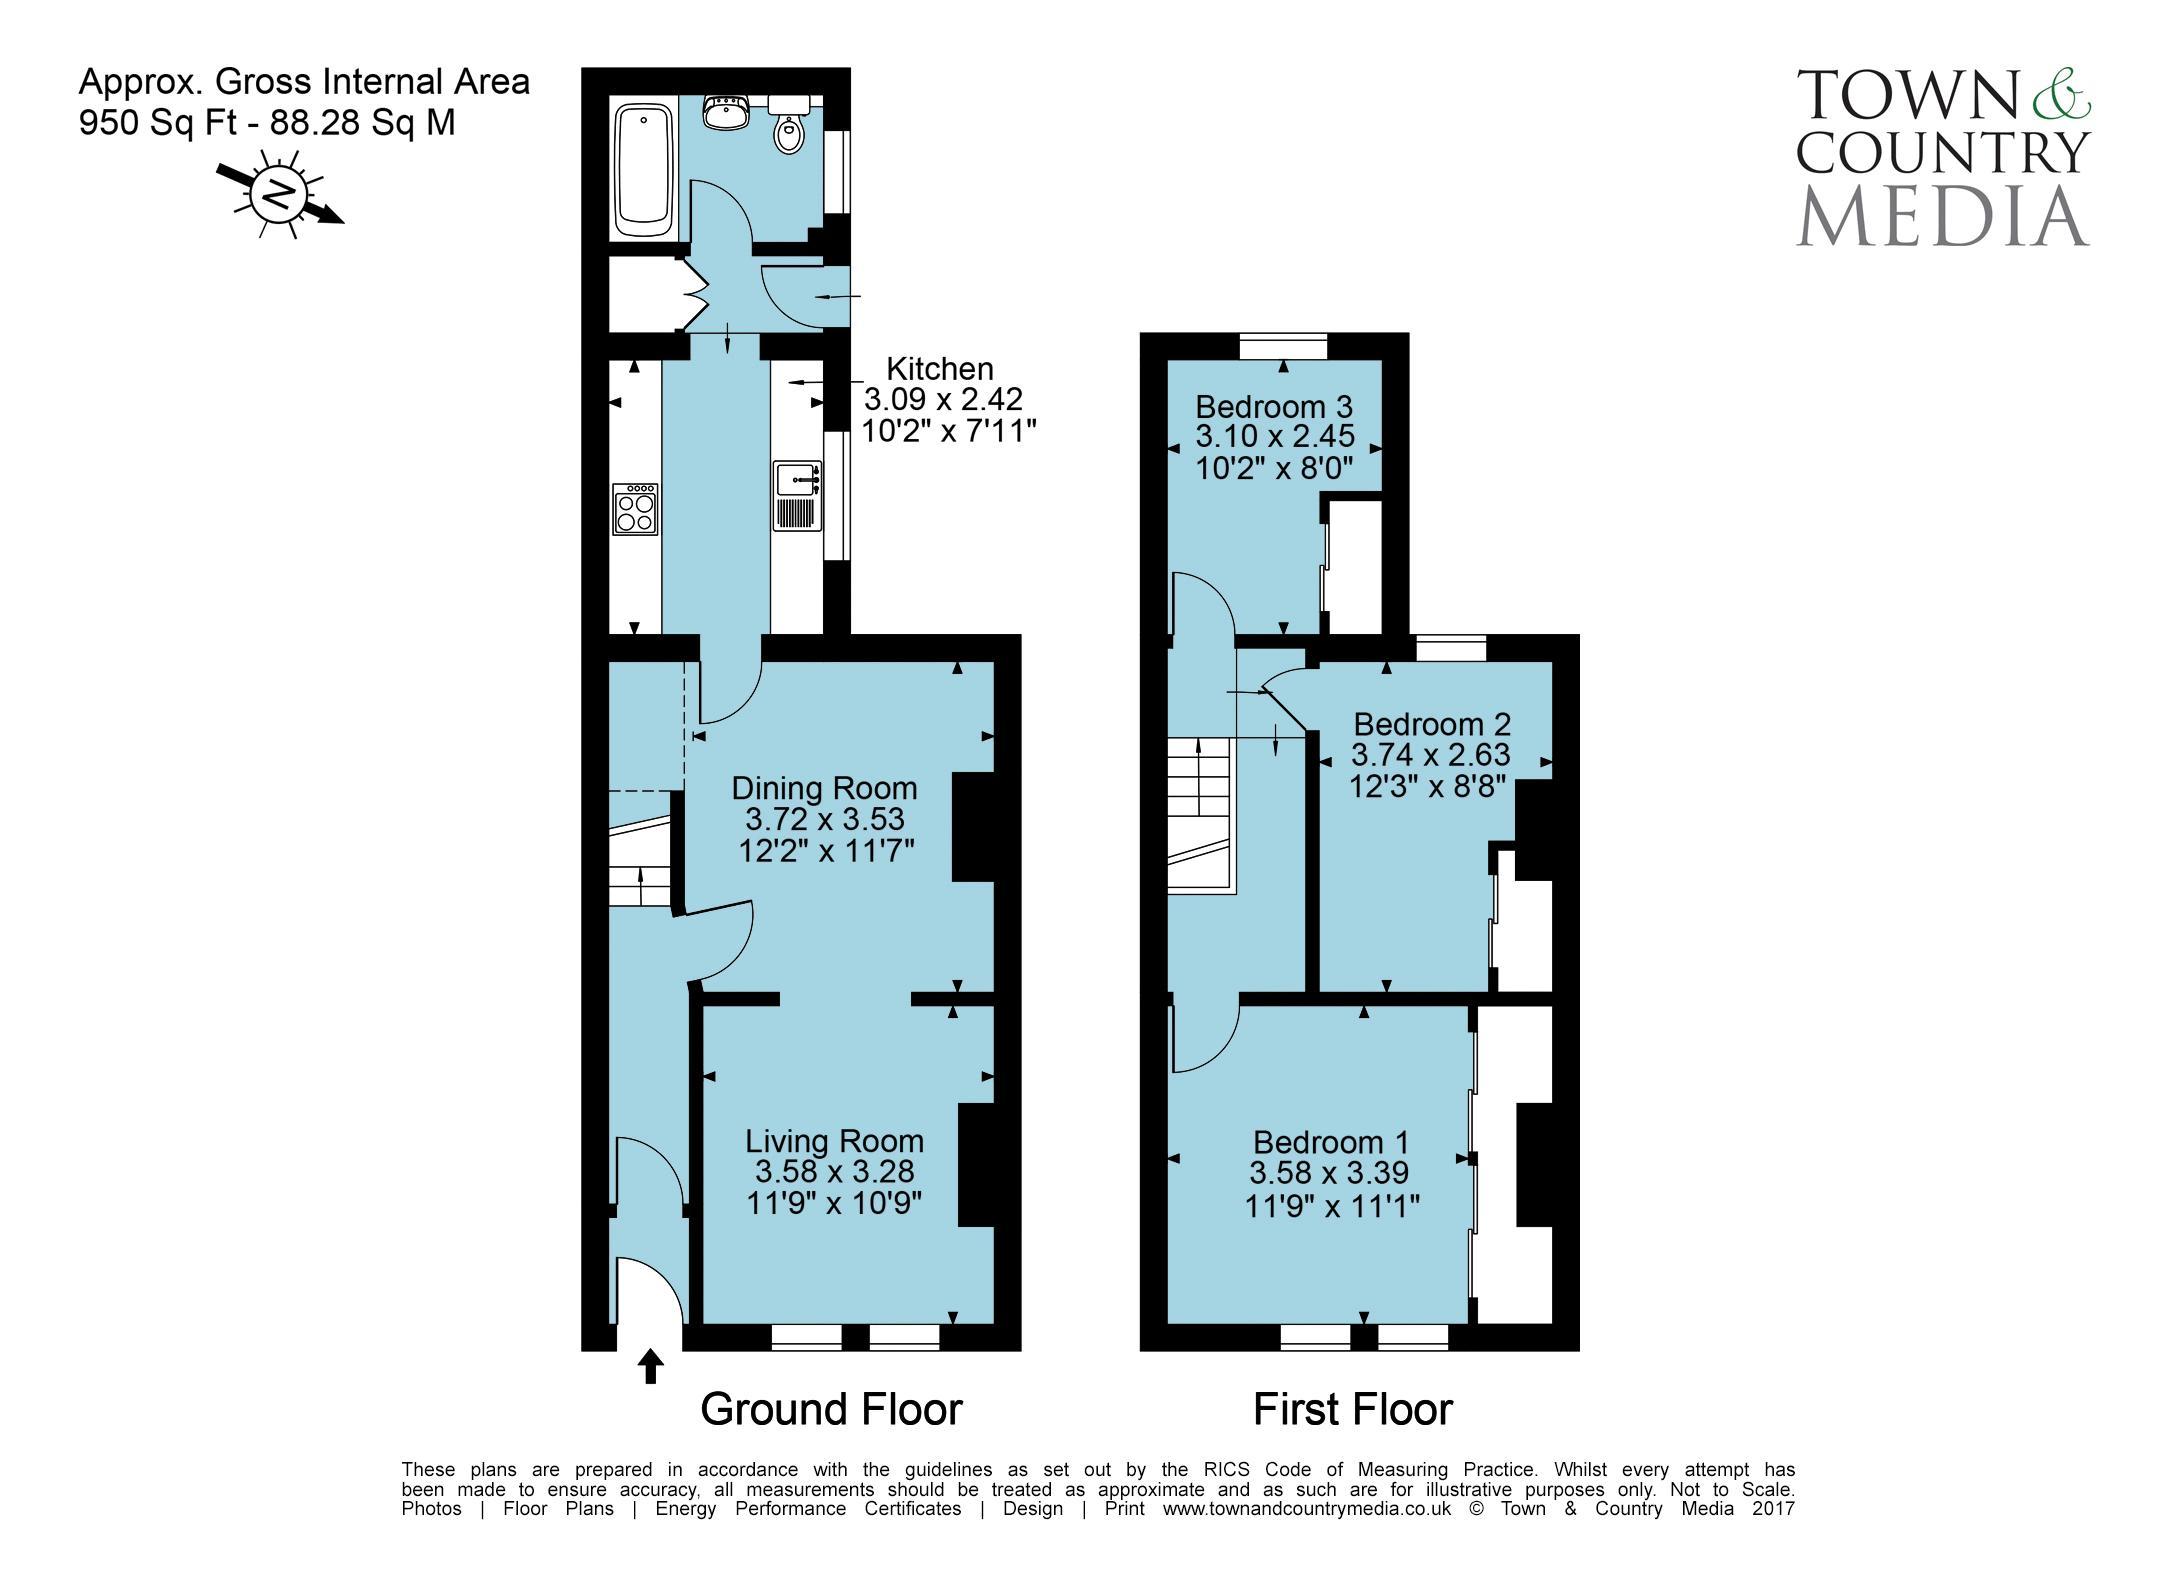 6MR - Floorplan